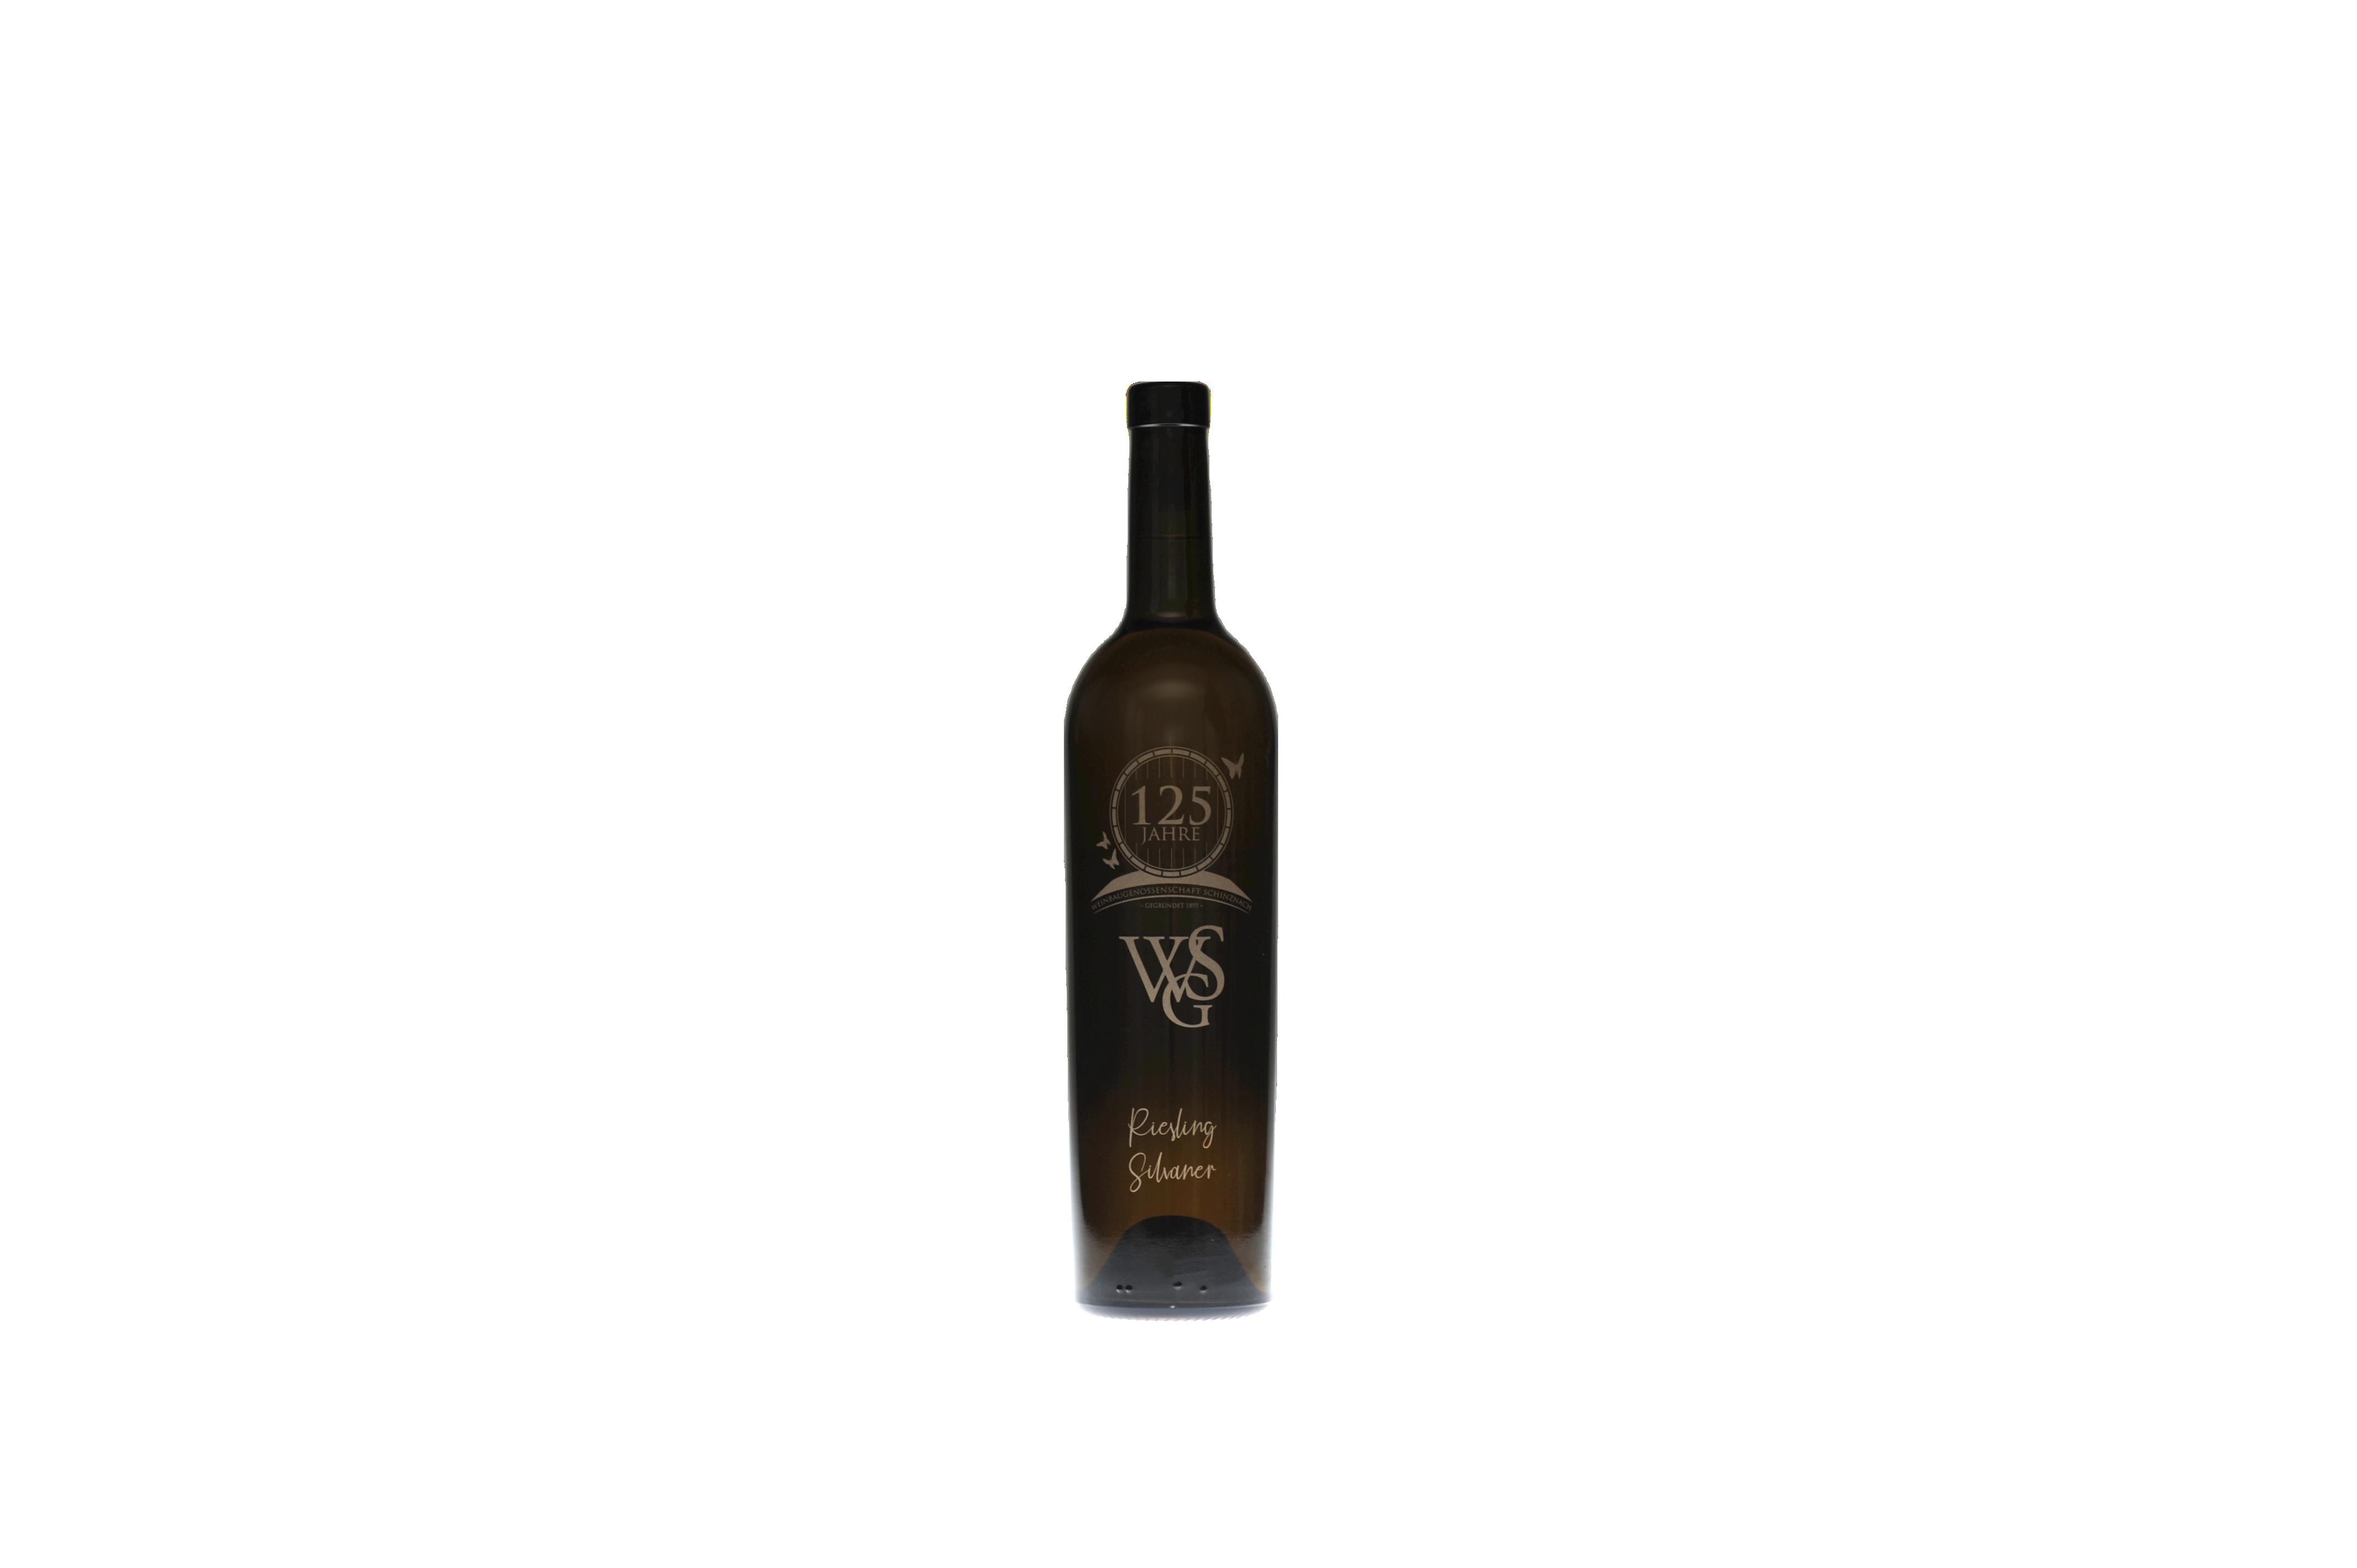 Schinznacher R-S Jubiläumswein 125 Jahre WGS